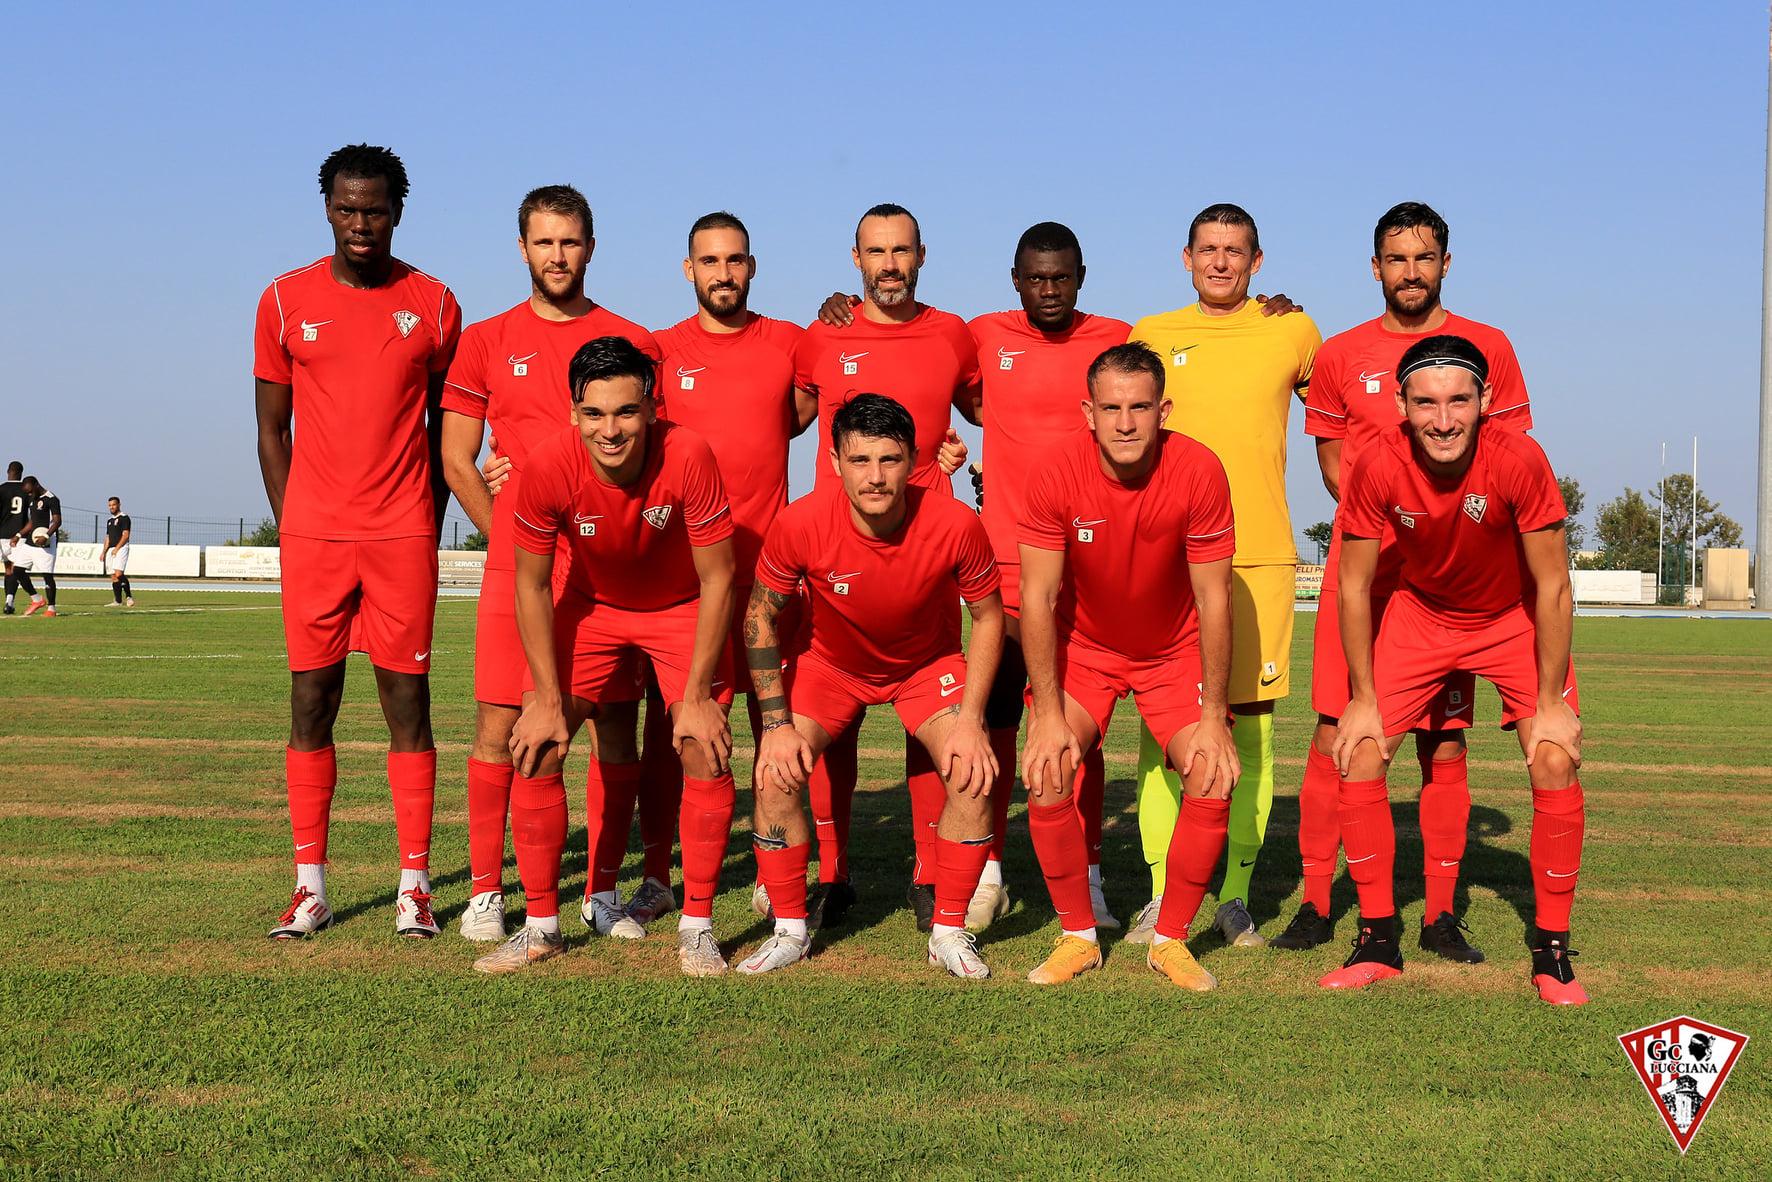 Belle entrée en matière pour les joueurs du président Santini de Lucciana, vainqueurs à Nice 2 - 1